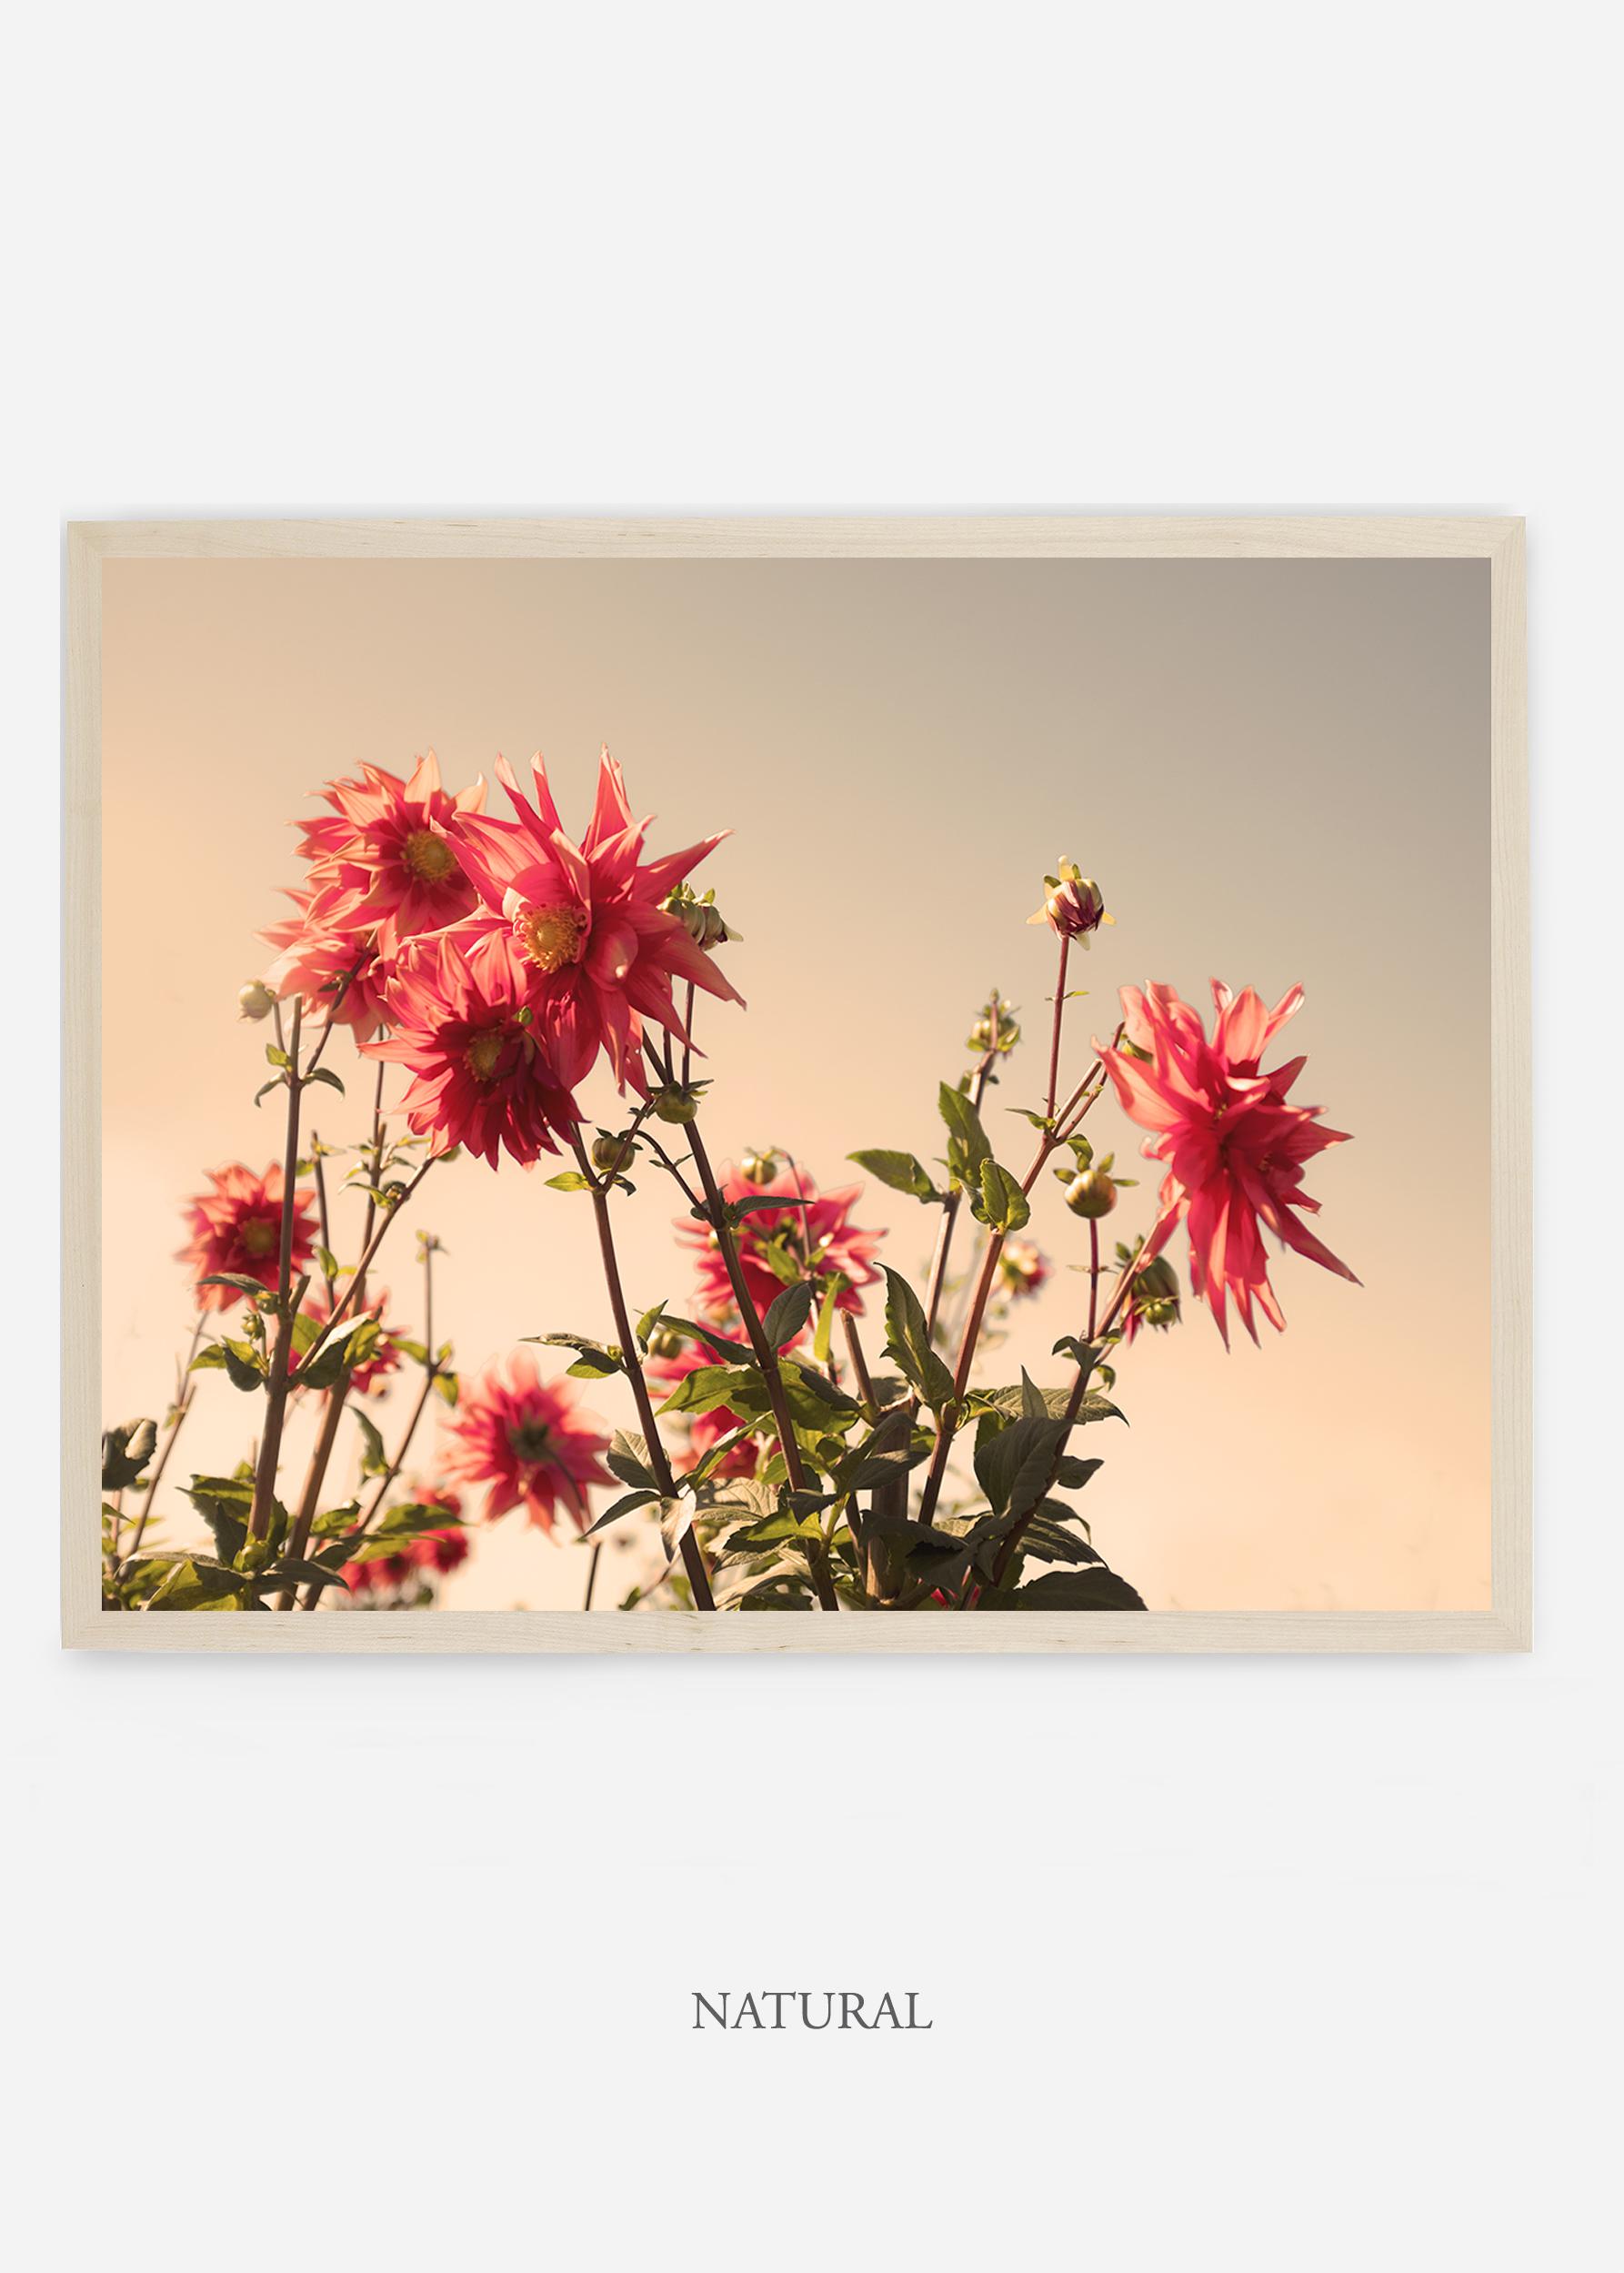 NoMat-Natural-Frame-DahliaNo.9-Wilder-California-Art-Floral-Home-decor-Prints-Dahlia-Botanical-Artwork-Interior-design.jpg